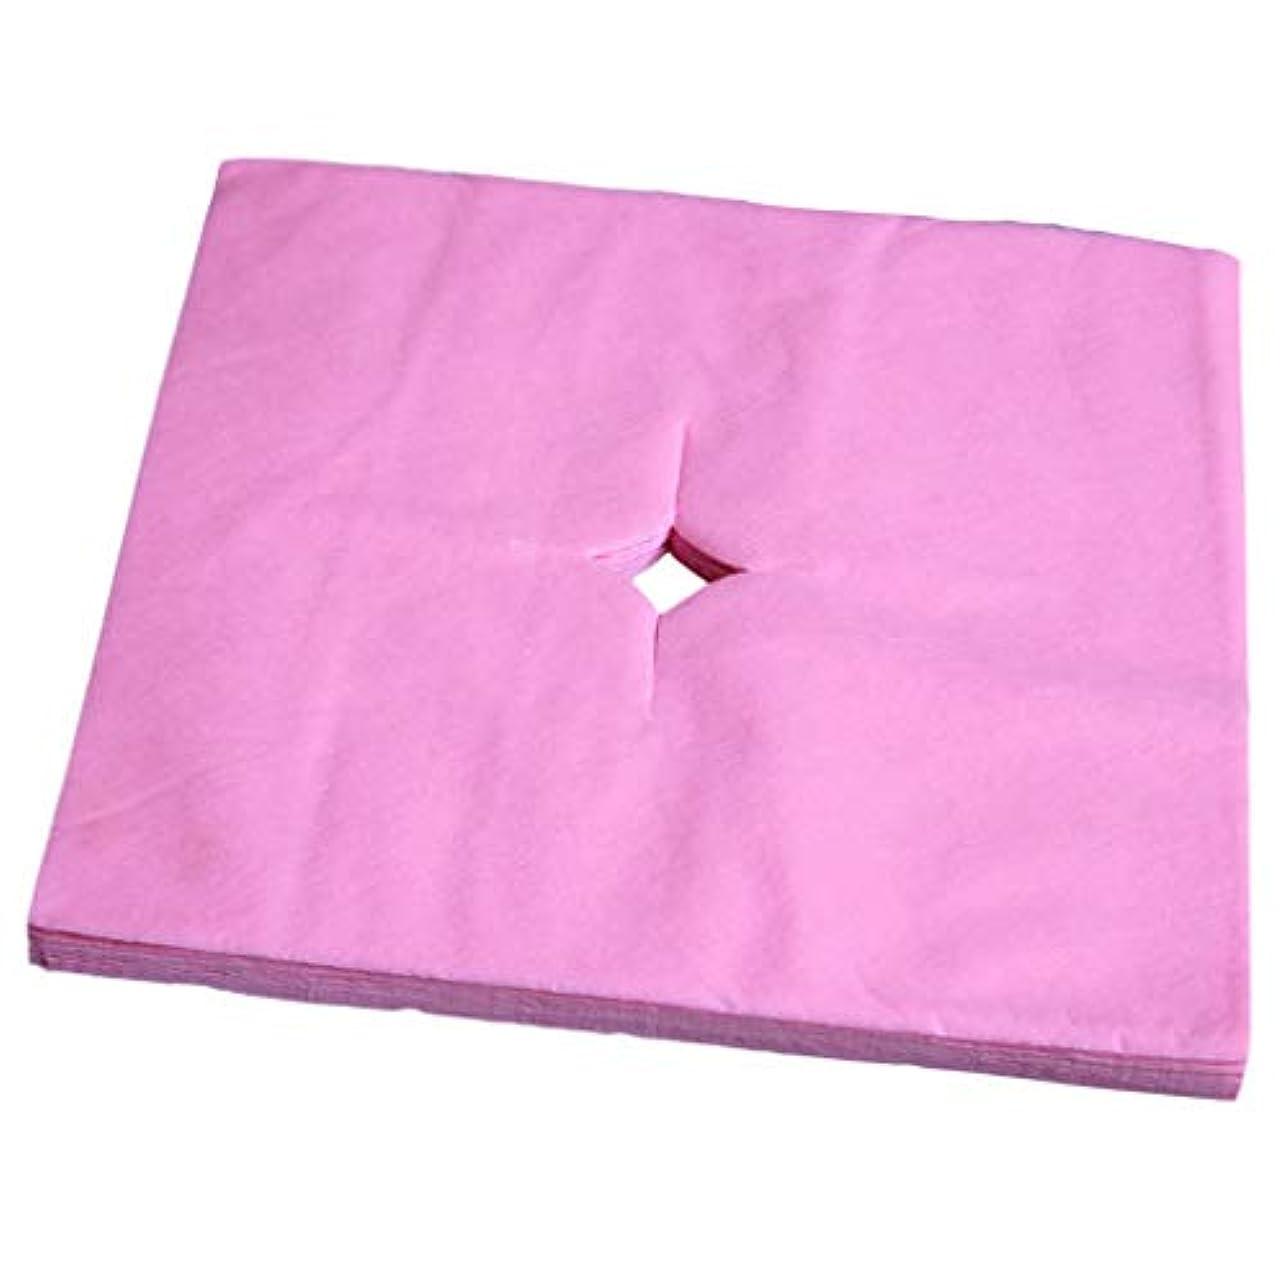 バルーン繁栄する禁止フェイスクレードルカバー 使い捨て 寝具カバー 不織布 柔らかい 便利 衛生的 全3色 - ピンク